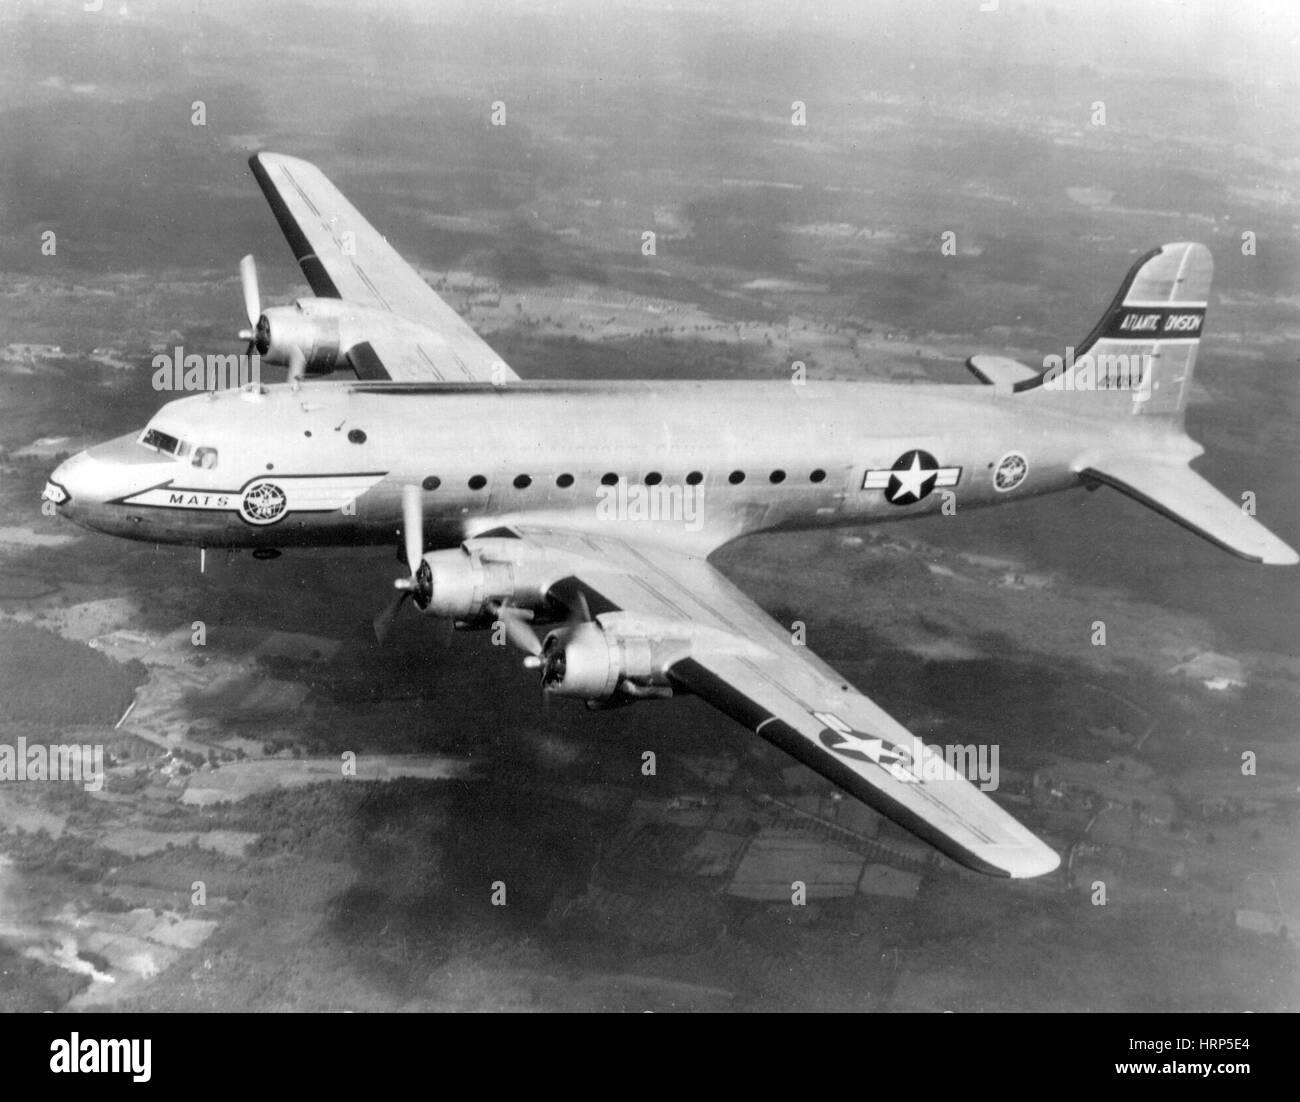 Douglas C-54 Skymaster, 1940s - Stock Image